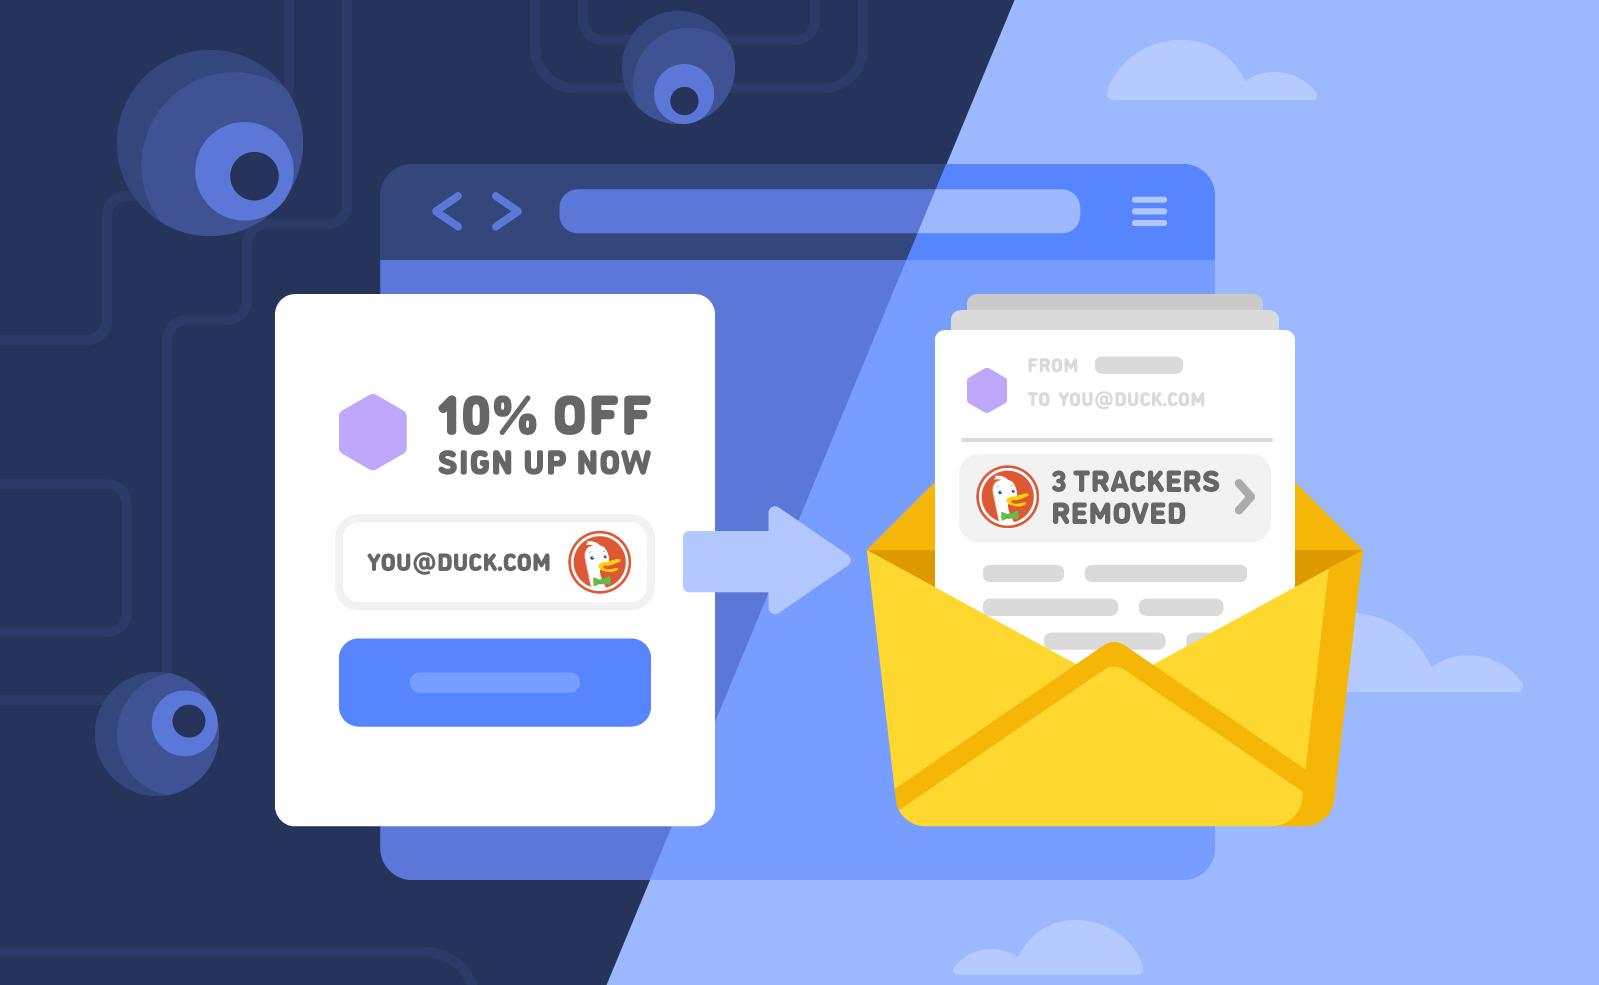 DuckDuckGo запустил почтовый сервис, помогающий избавиться от трекеров в письмах